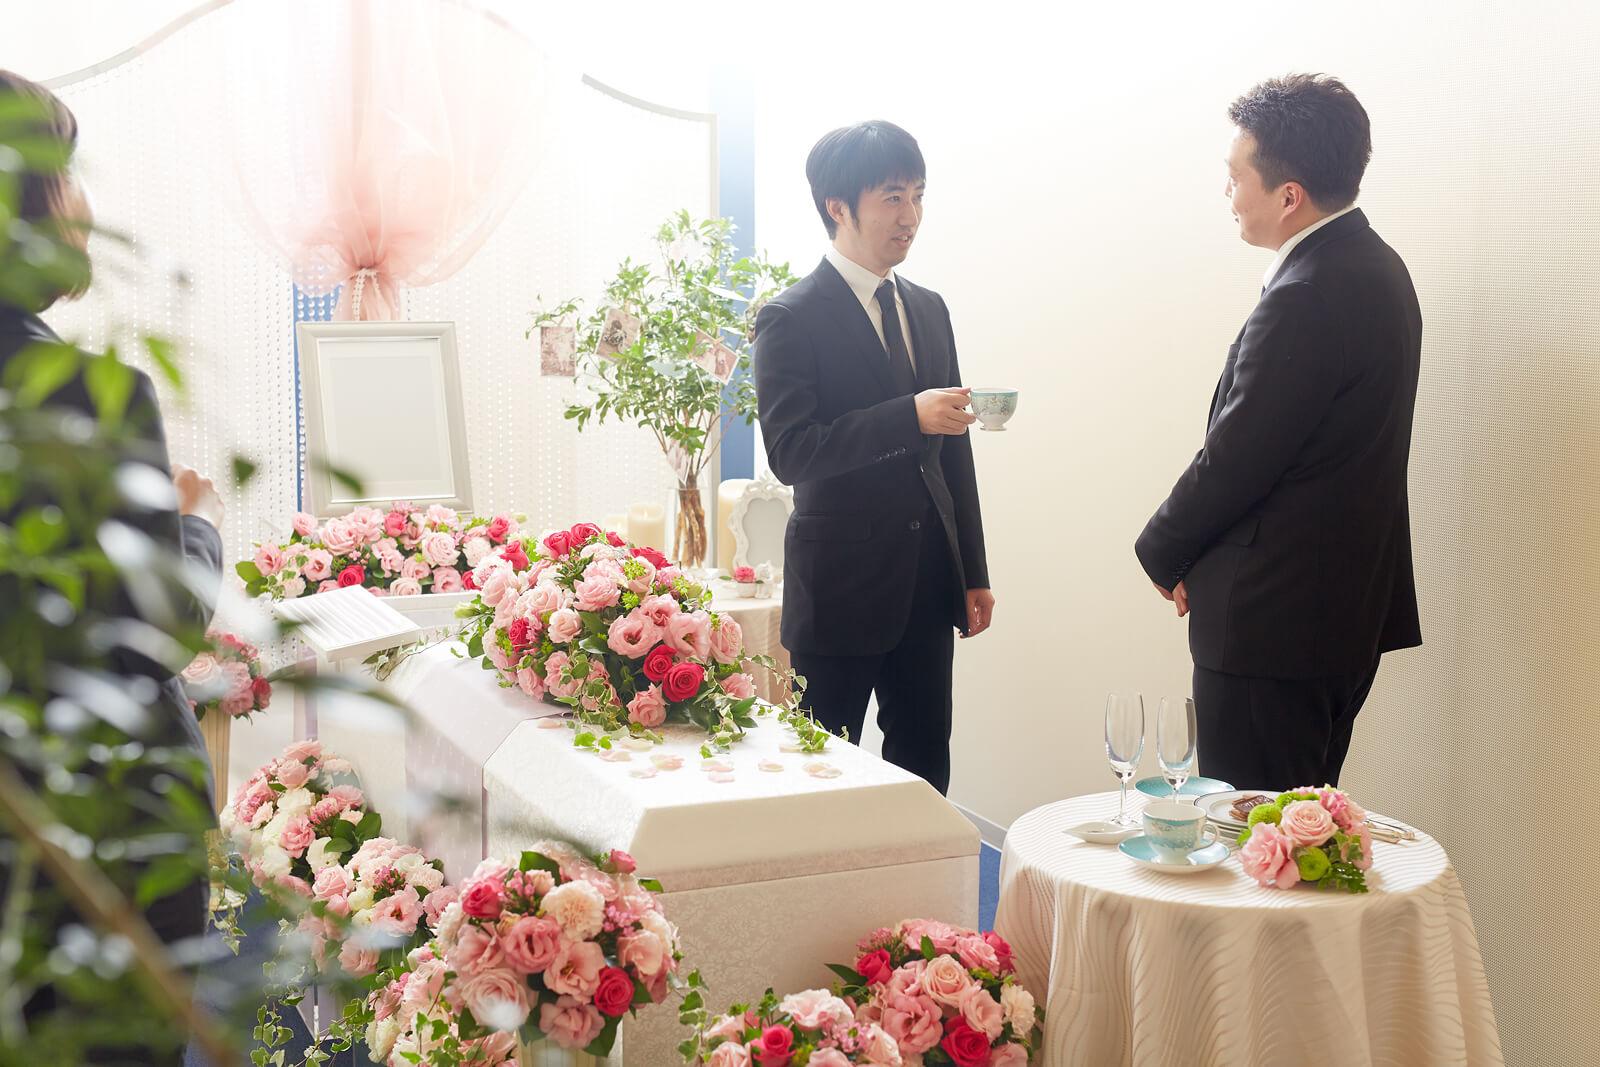 小さな葬儀「一日葬」のメリットとデメリット class=